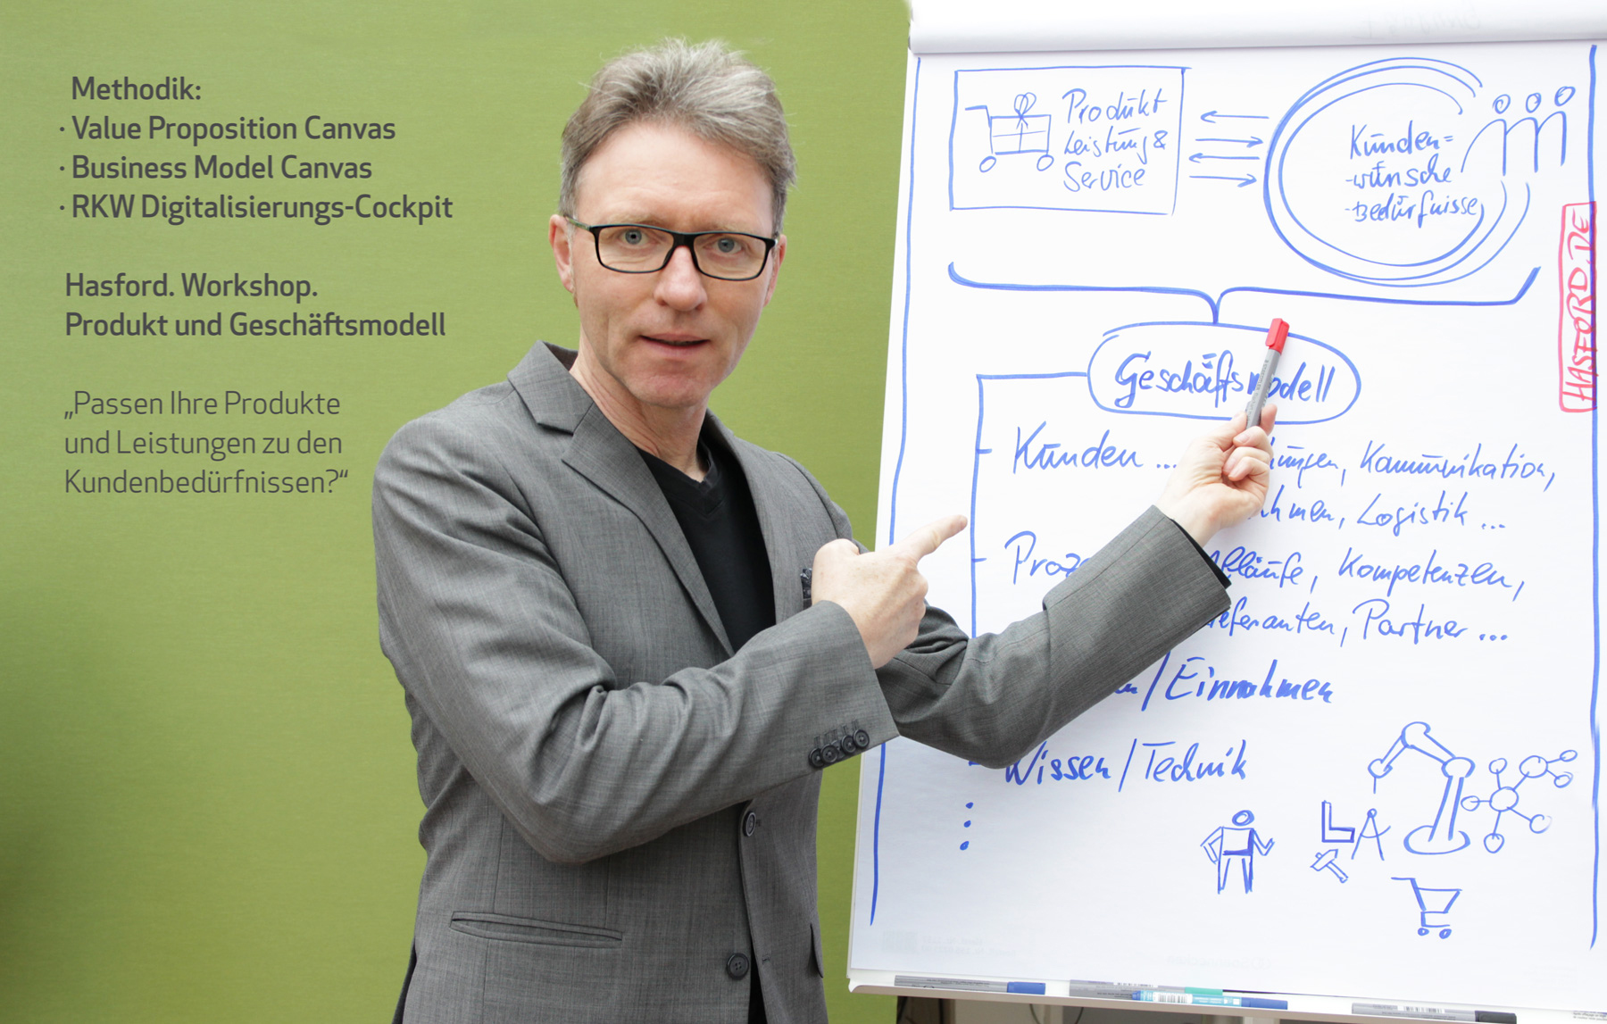 Bild: Der Businessmoderator Hasford über die Inhalte des Workshop Produkt und Geschäftsmodell